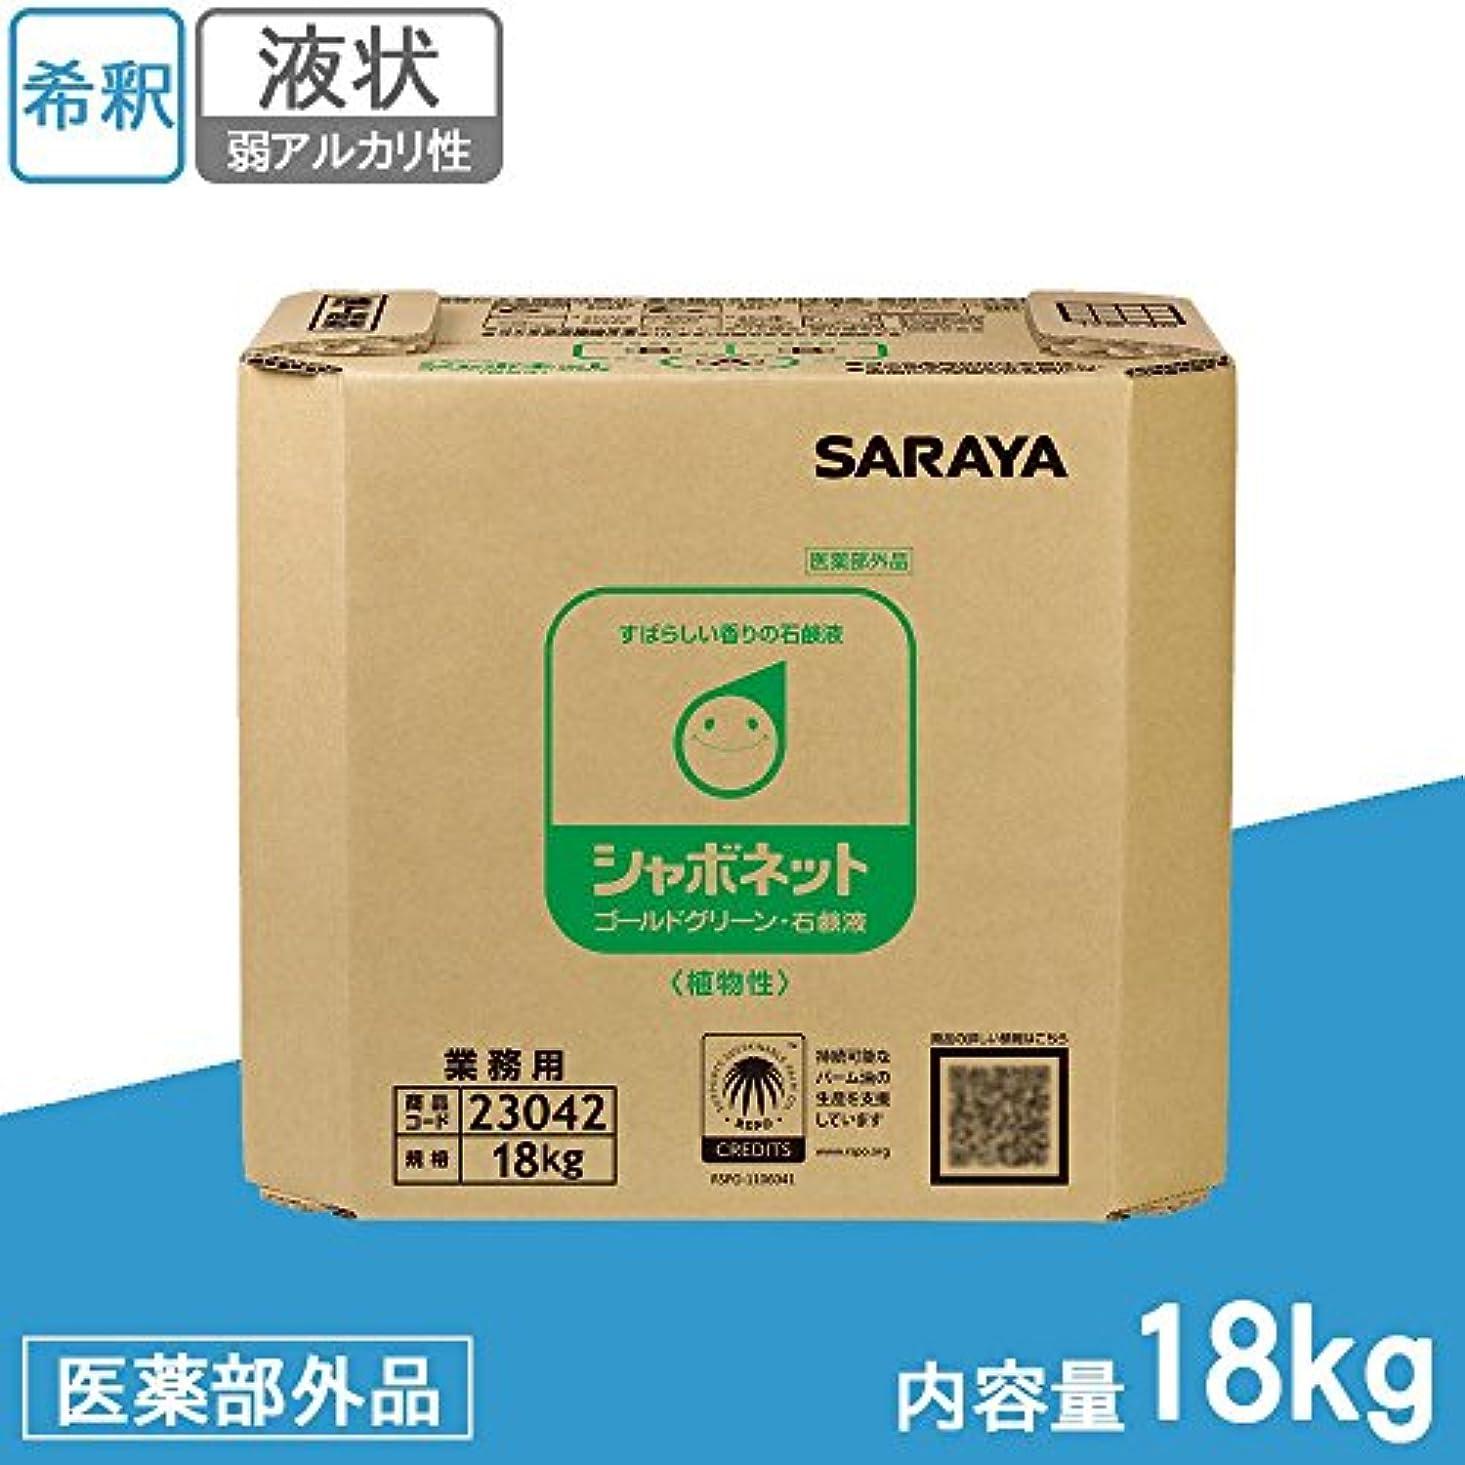 大きさ否定するタンパク質サラヤ 業務用 手洗い用石けん液 シャボネットゴールドグリーン スズランの香り 18kg BIB 23042 (医薬部外品)